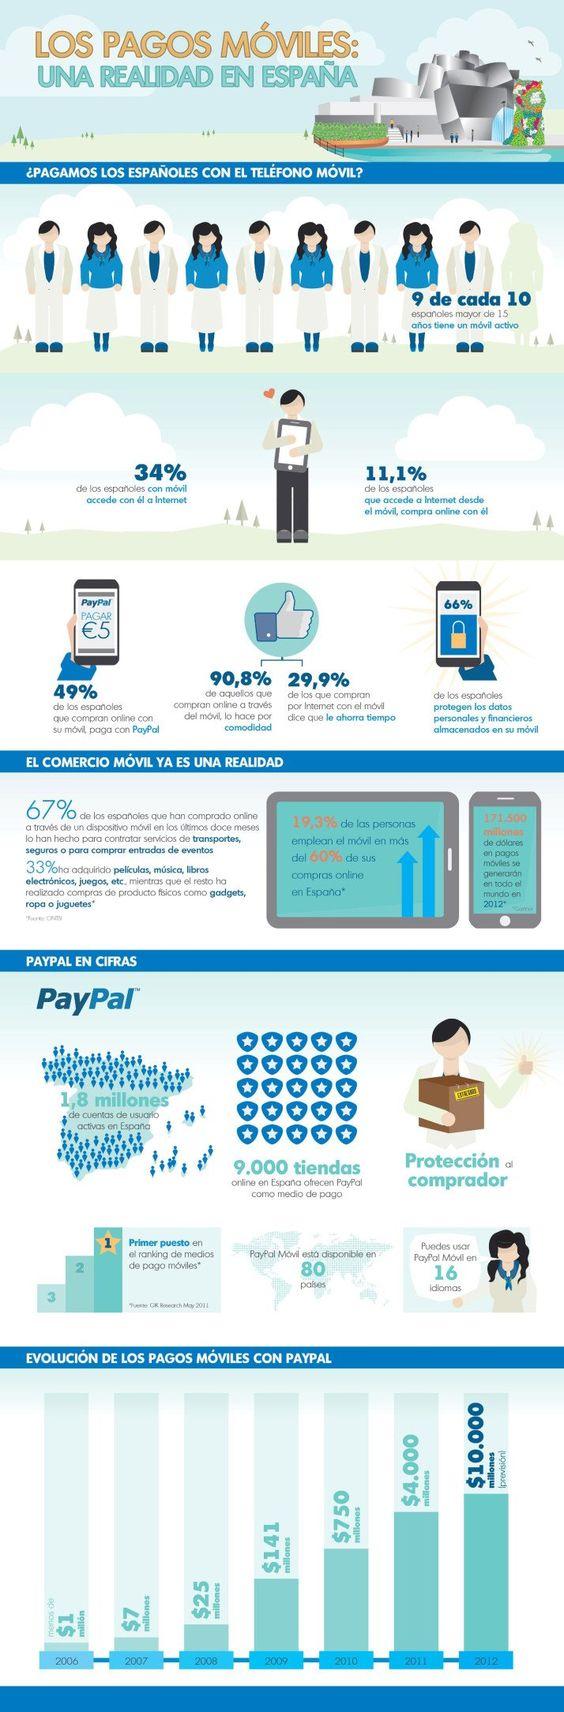 Los pagos móviles: Una realidad en España #infografia #infographic #internet